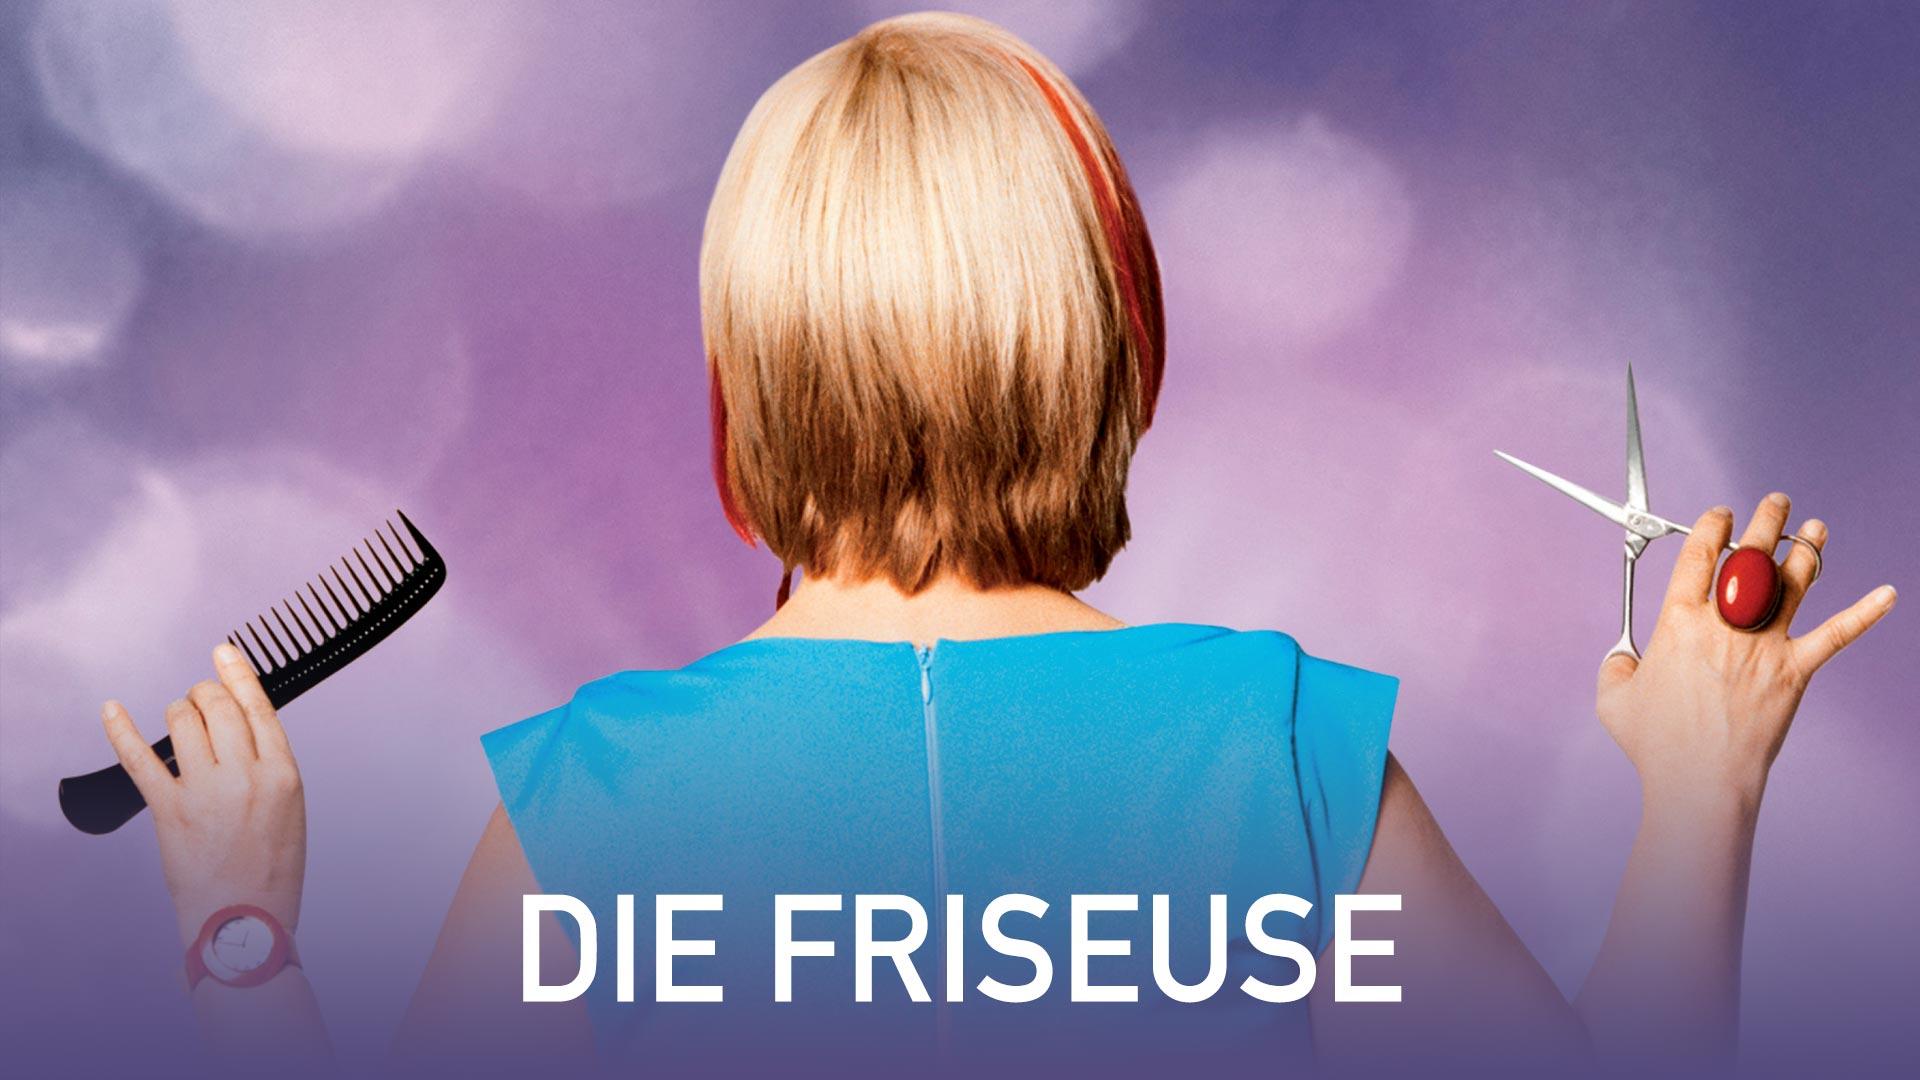 Die Friseuse